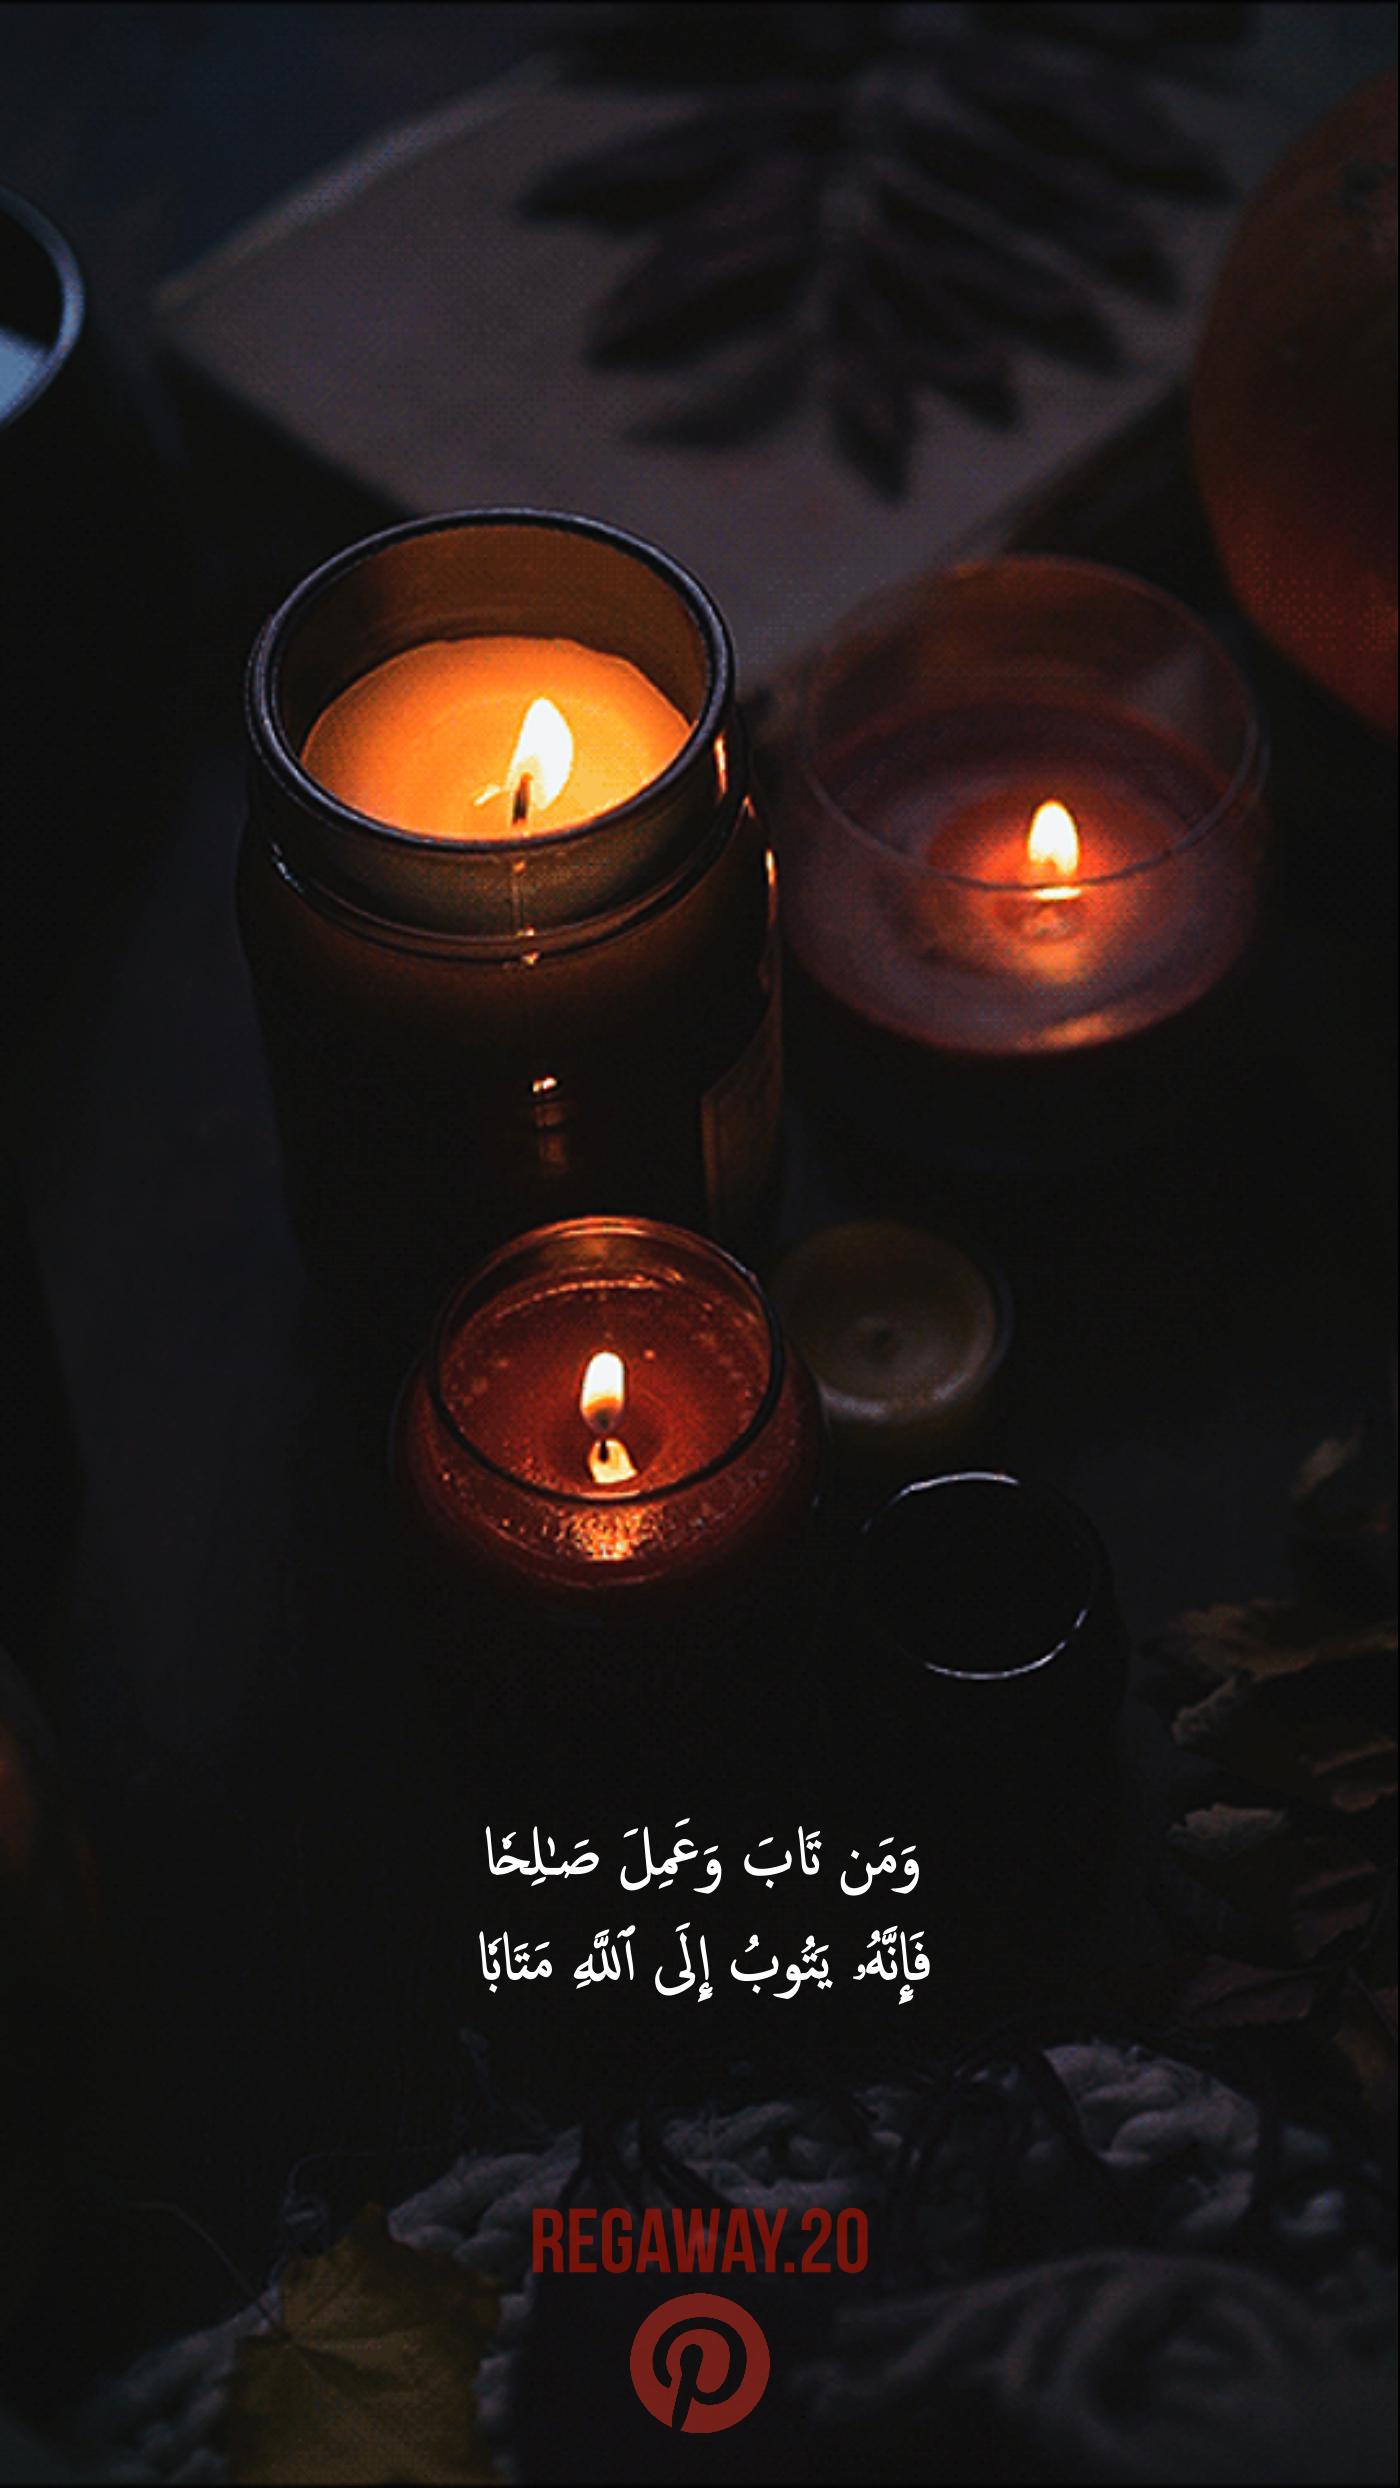 Abdulrahman Al Humaydan سبحان الله الذي رزقه هذا الصوت الملائكي عبدالرحمن الحميداني Video Quran Quotes Love Quran Quotes Quran Recitation